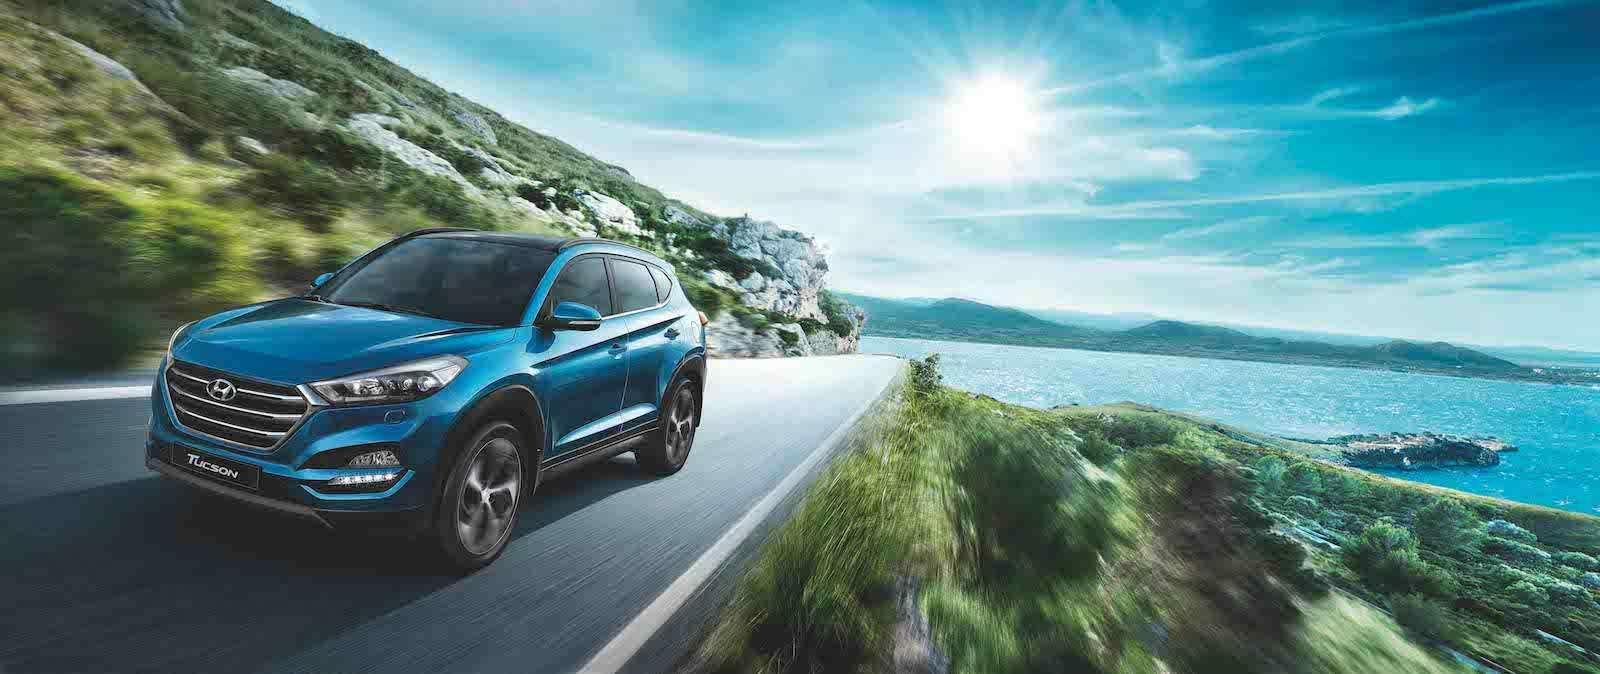 Hyundai Tucson или Santa Fe: на что потратить два миллиона рублей? — фото 601335